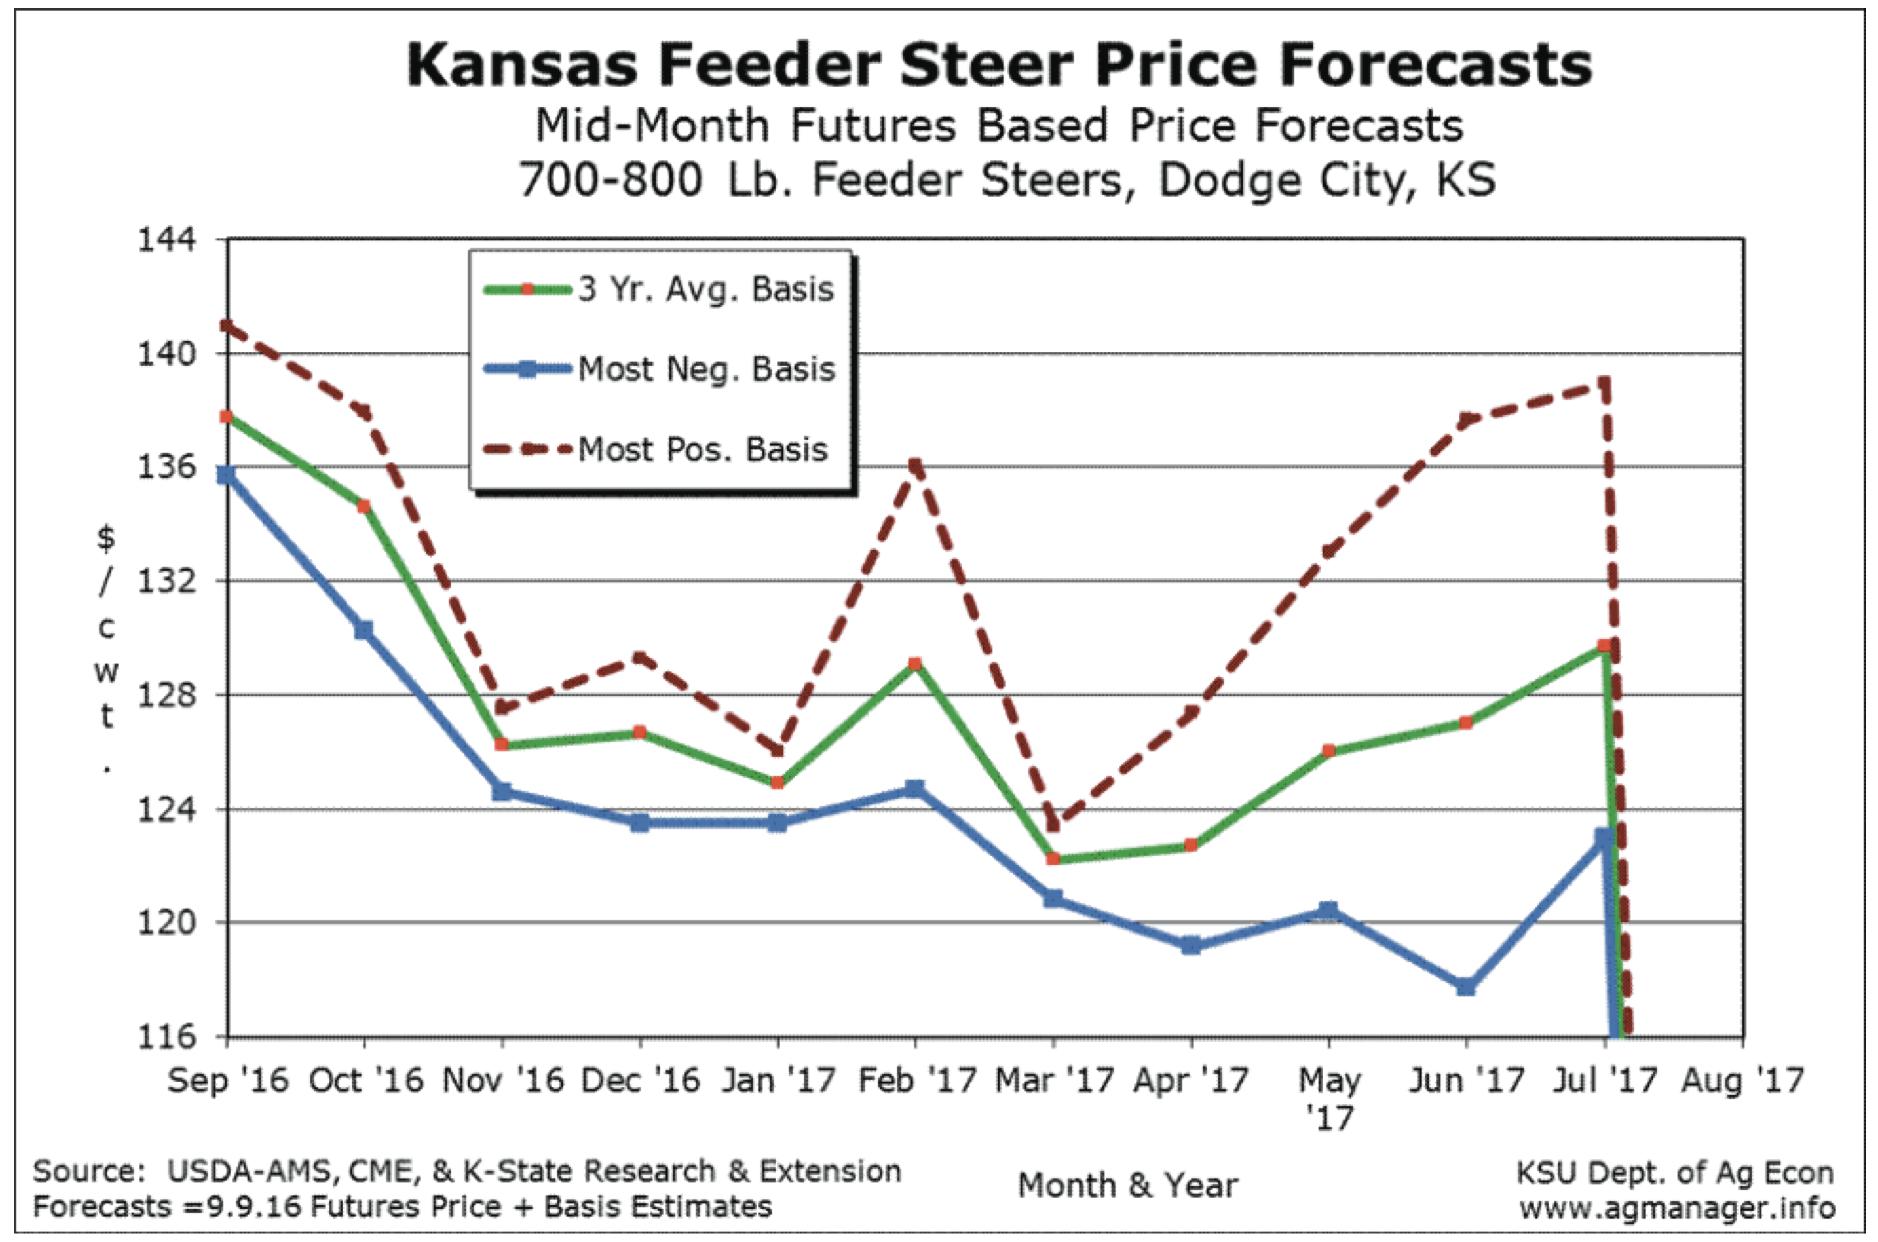 Feeder Steer Price Forecast